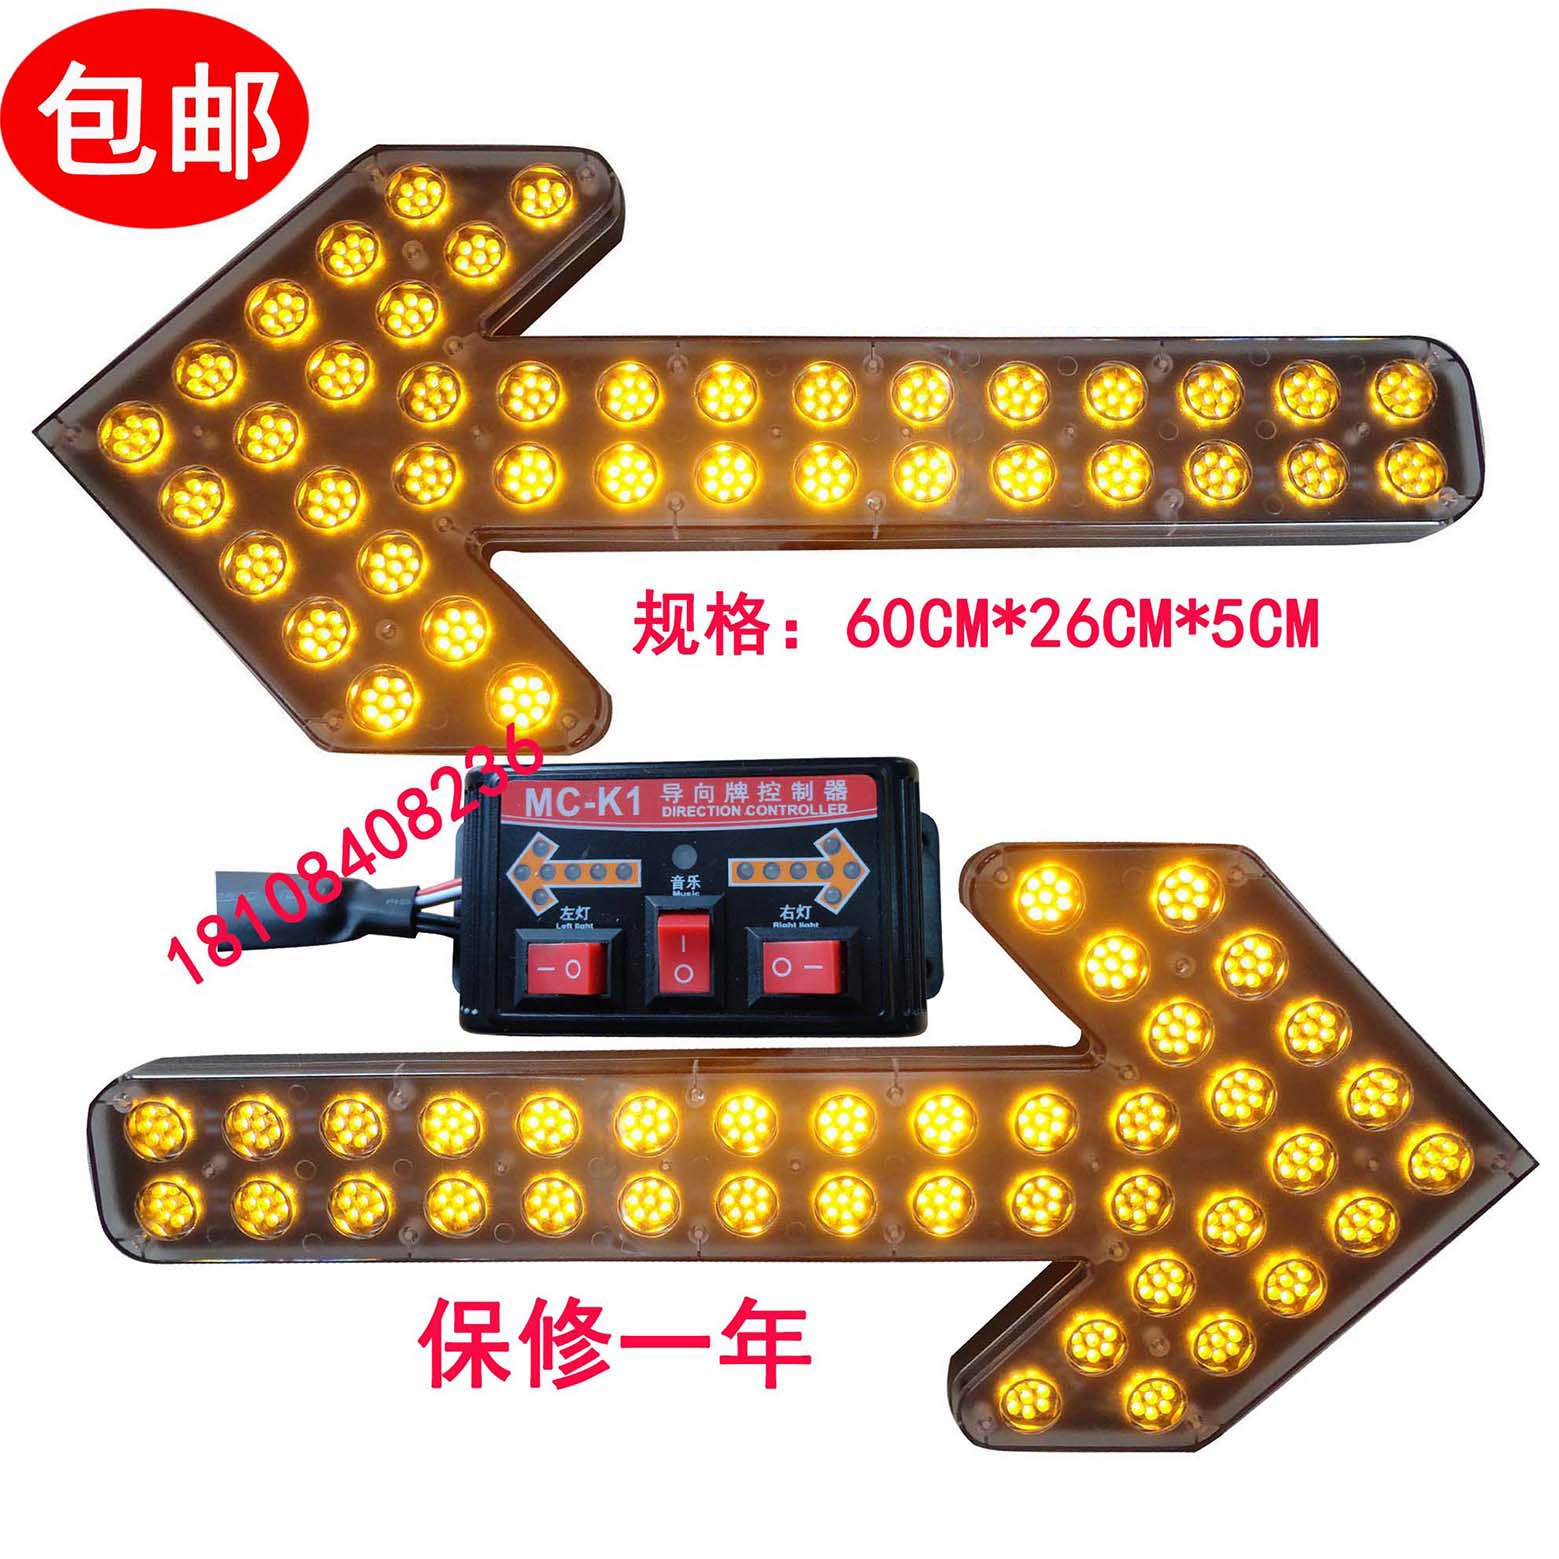 洒水车清扫车箭头灯LED车载导向箭头灯24V诱导灯12VLED箭头指示灯